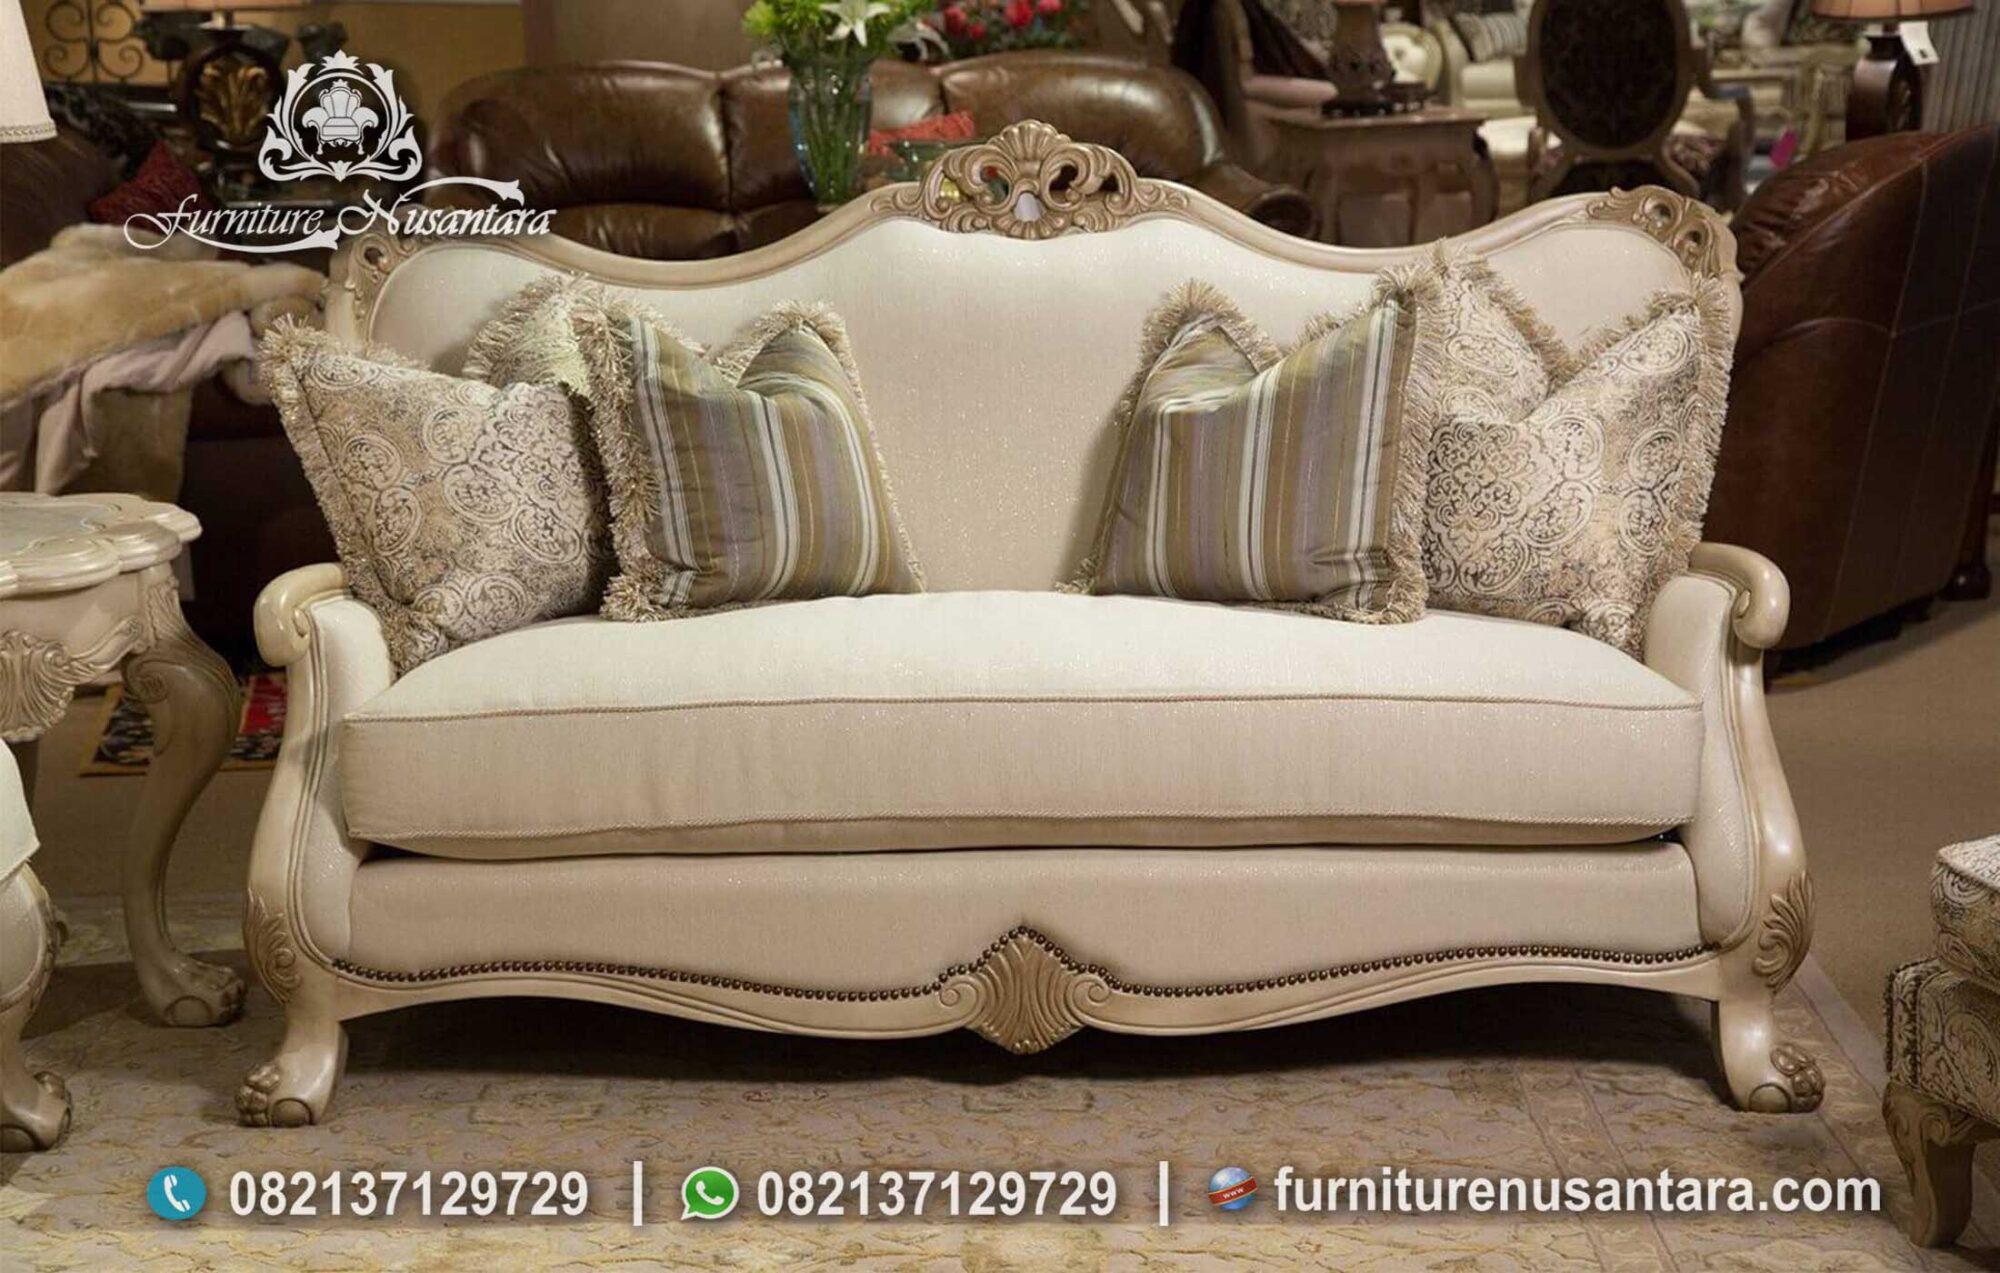 Sofa Semi Klasik Harga Murah ST-86, Furniture Nusantara